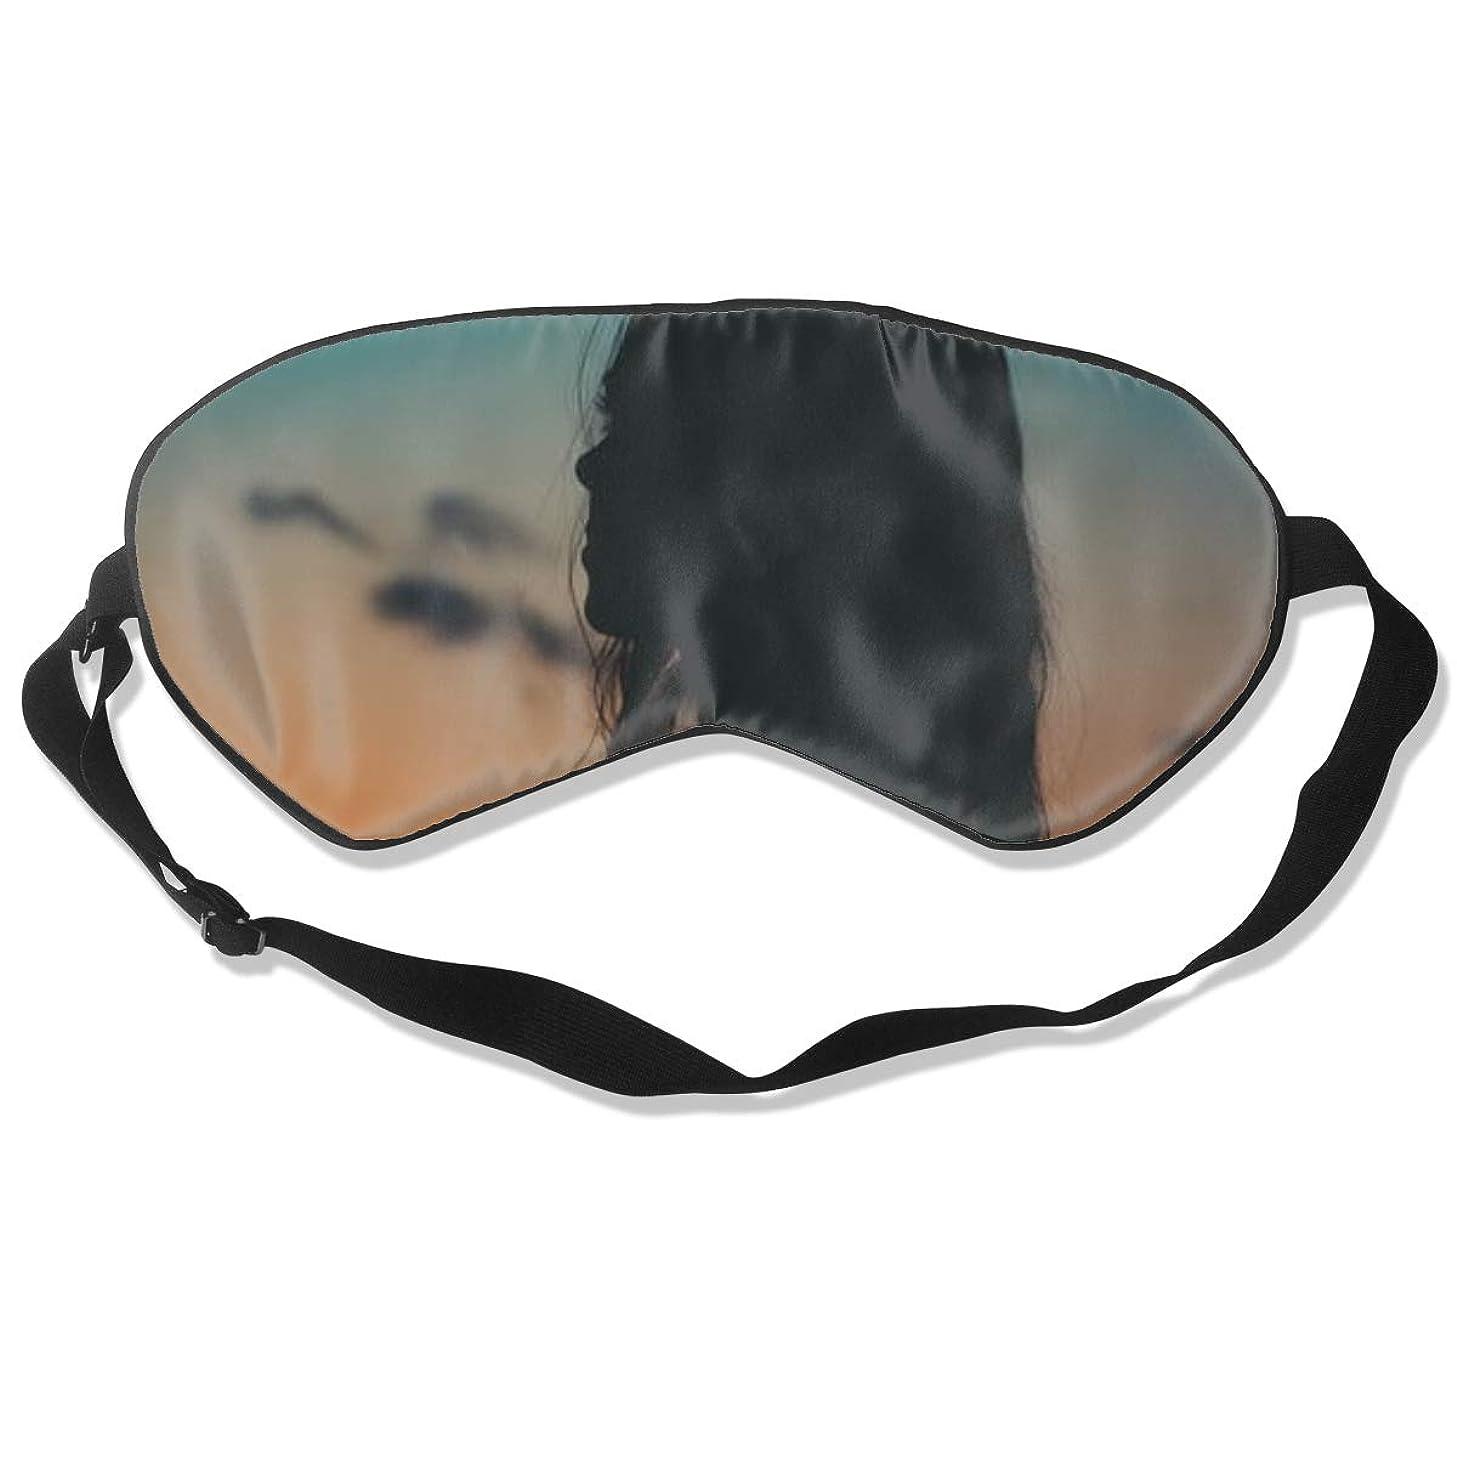 Little Girl in The Night Sky4 Best Sleep Mask Travel, Nap, Adjustable Belt Eye Mask for Men and Women